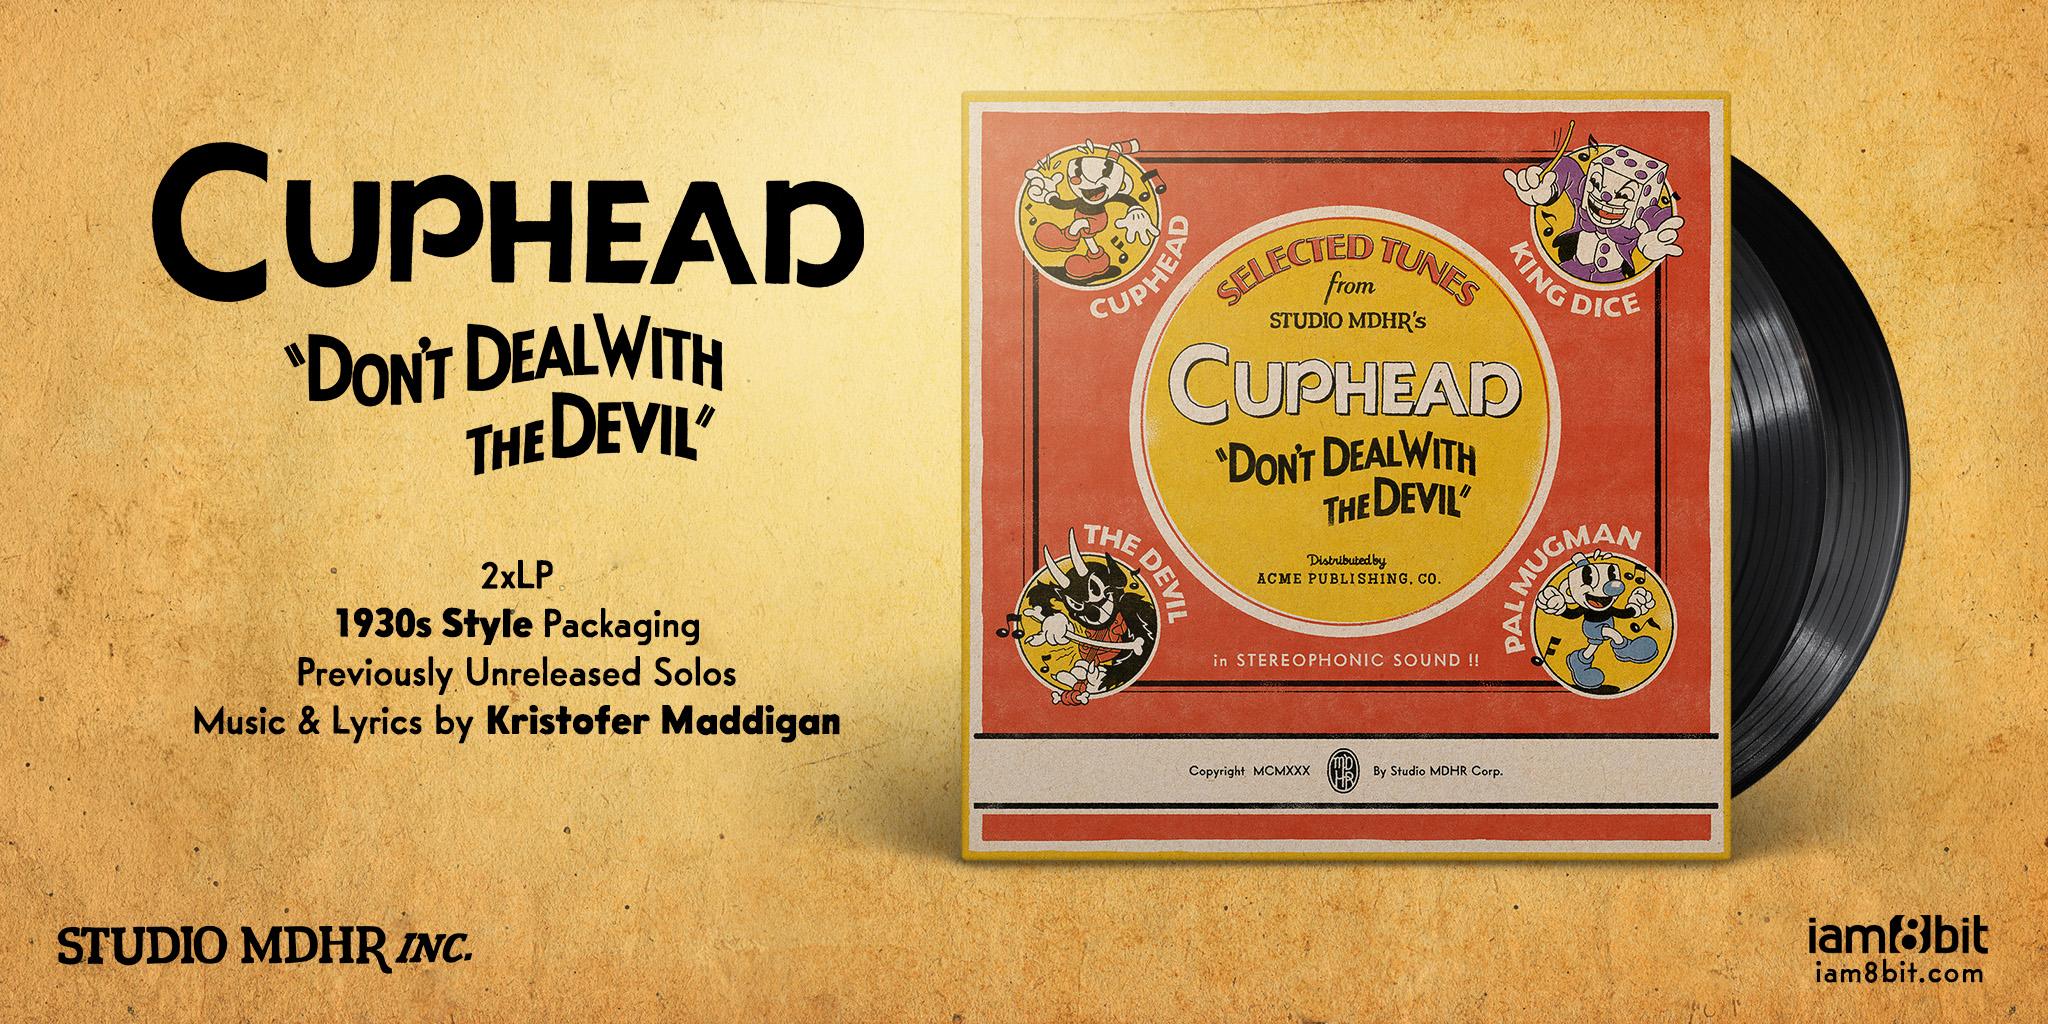 Cuphead2XLP_FB+TW (1).JPG